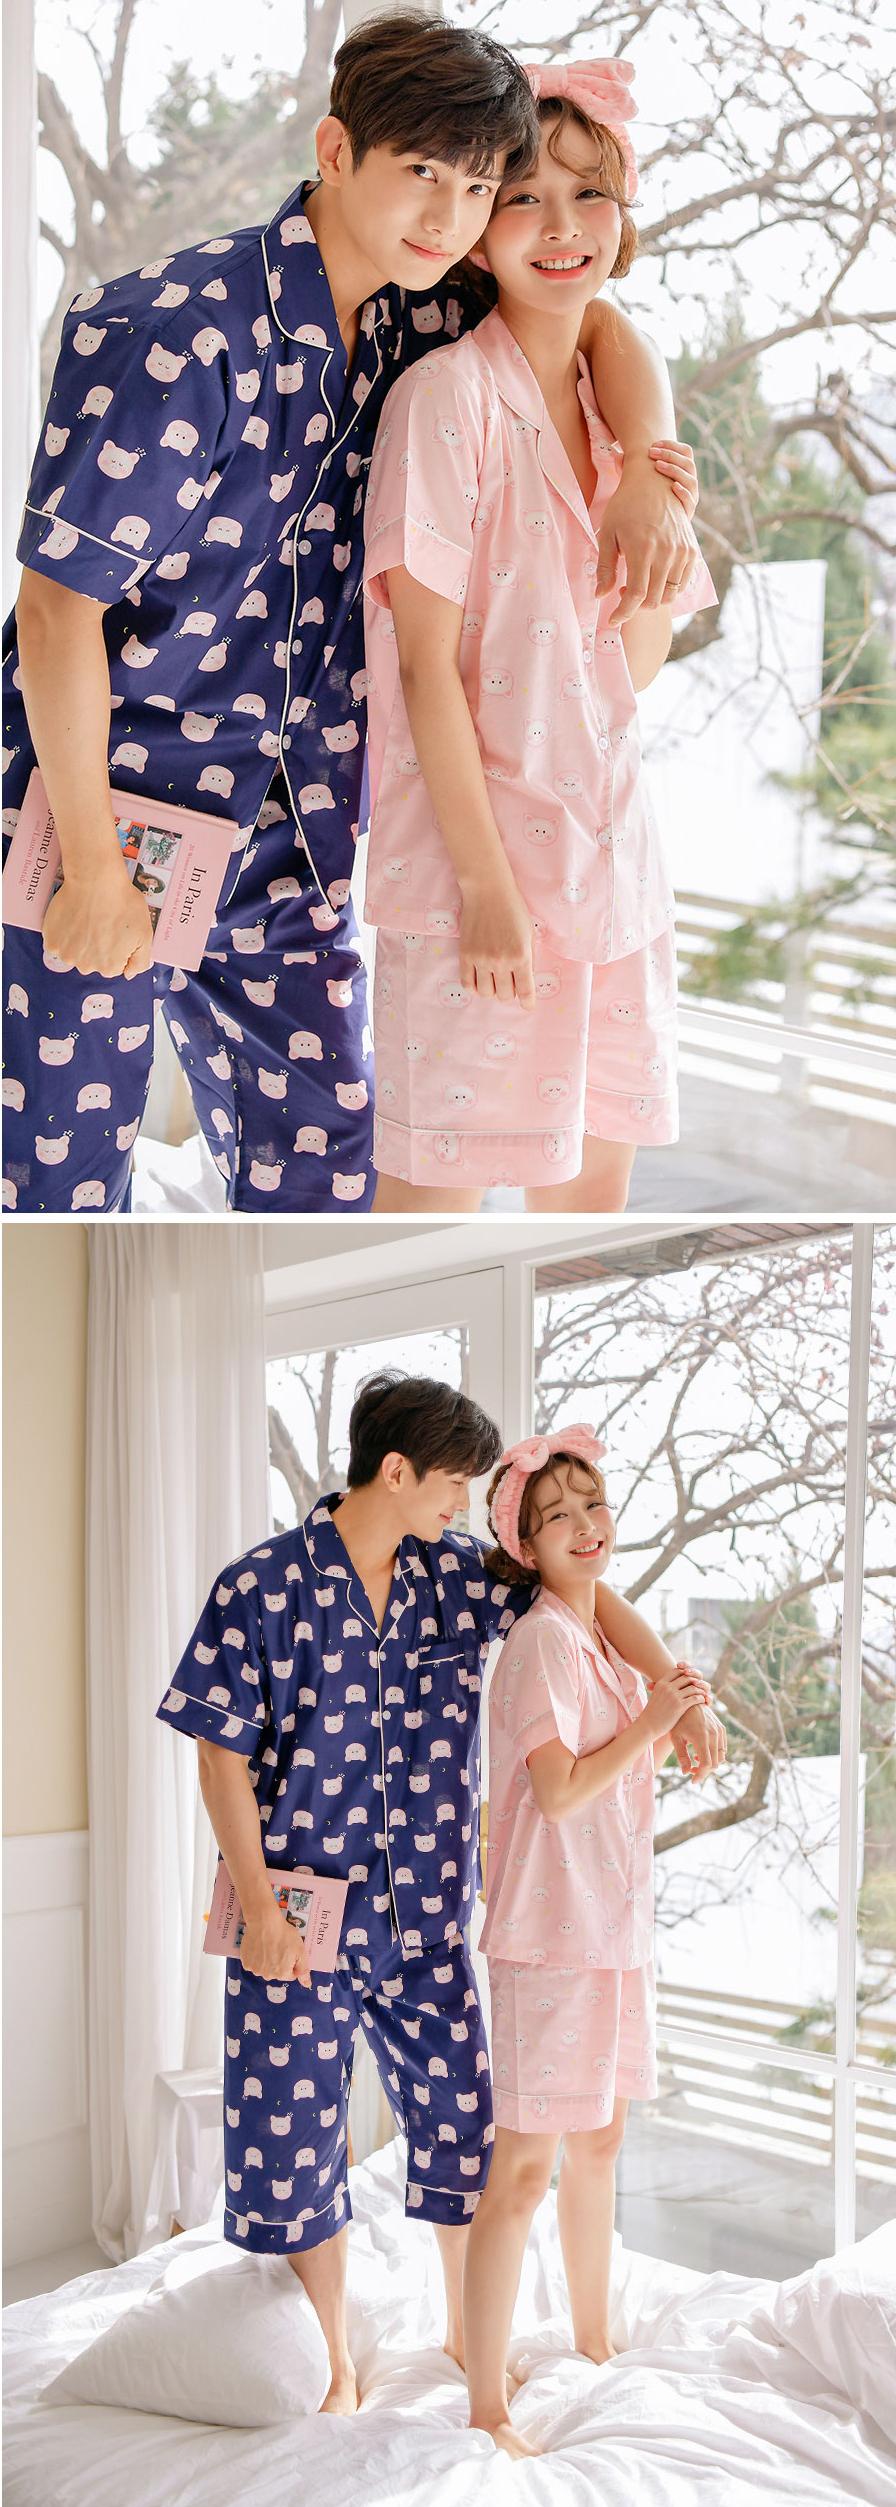 피그 순면 커플여름잠옷 - 바이메이비, 124,800원, 잠옷, 커플파자마